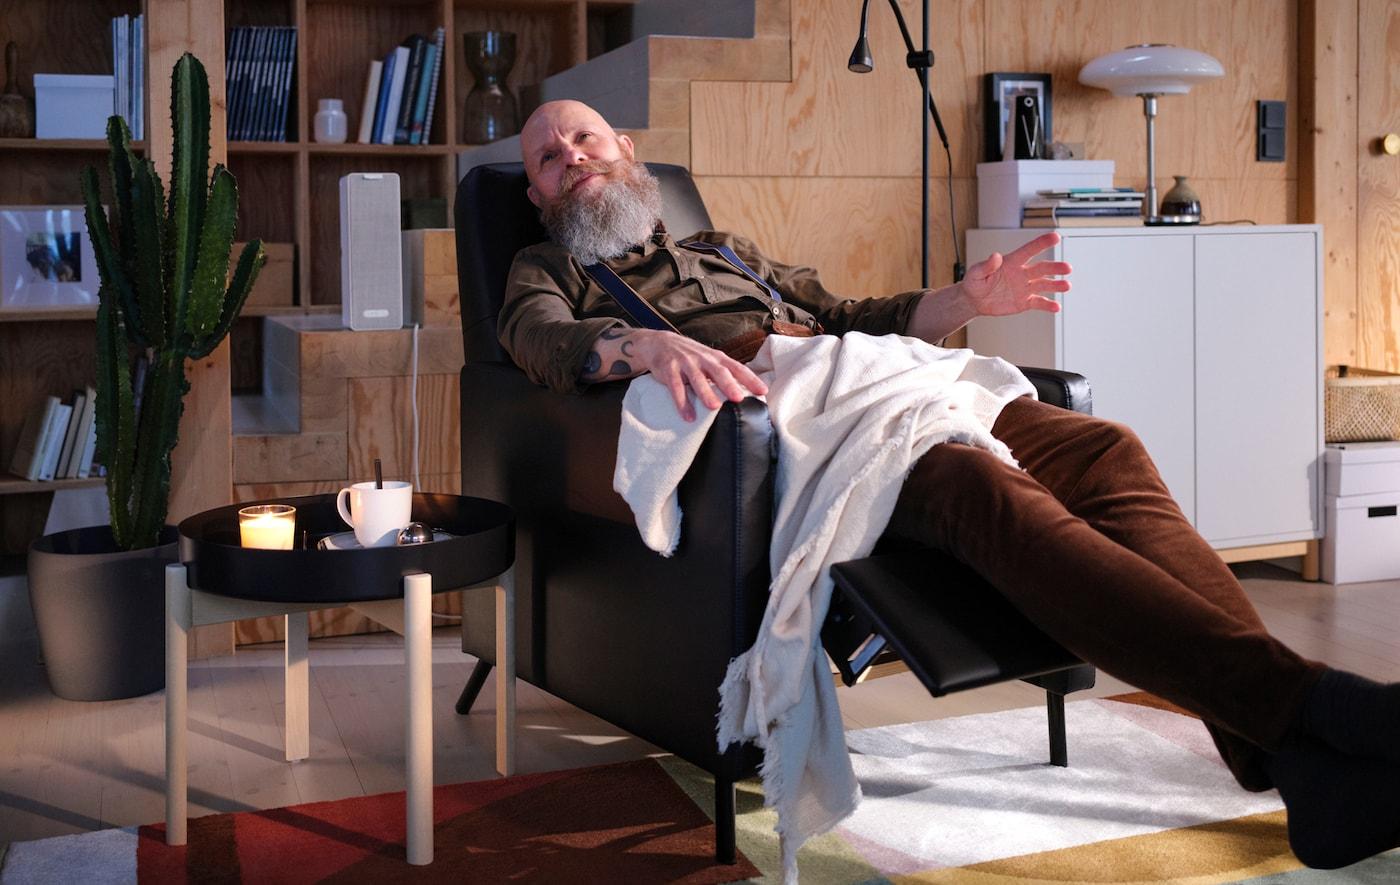 En mann lener seg tilbake under et pledd i en svart GISTAD hvilestol og lytter til musikk fra en hvit SYMFONISK trådløs høyttaler.